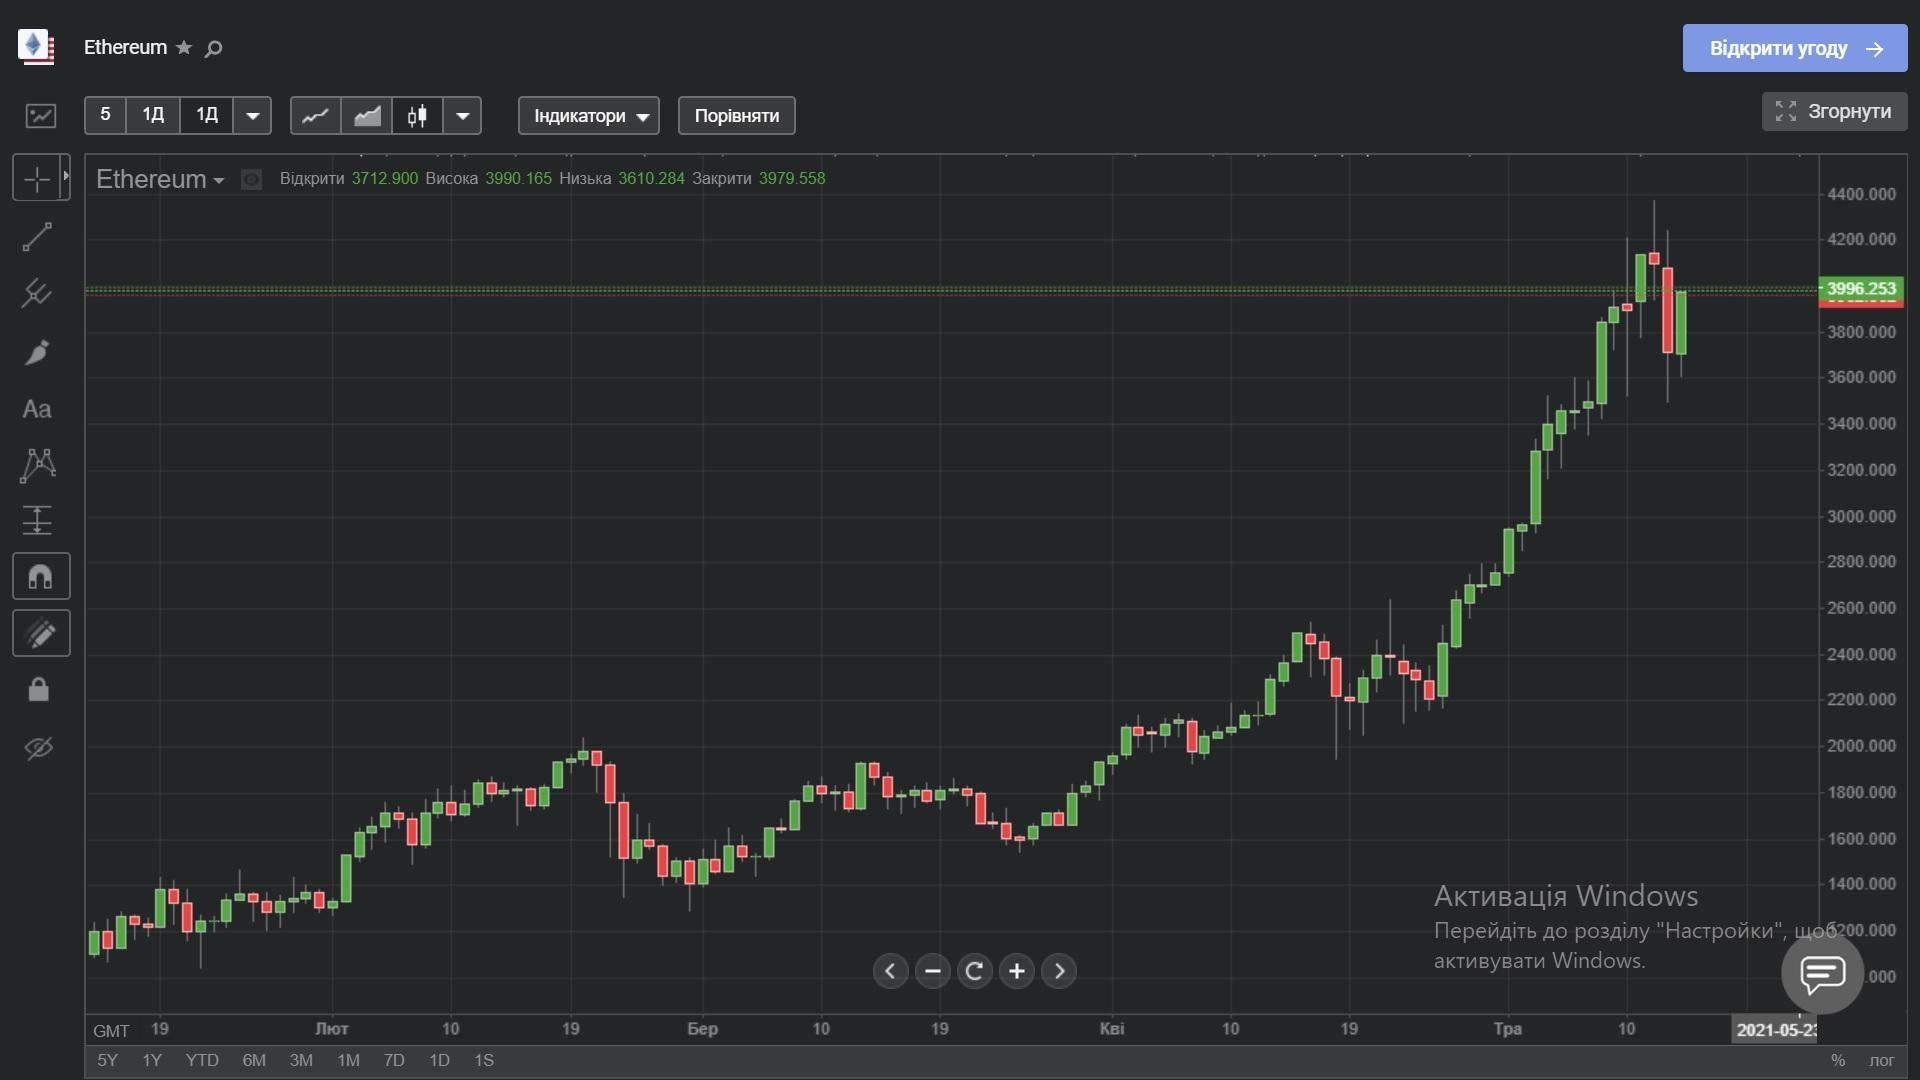 Ціна Ethereum з початку 2021 року